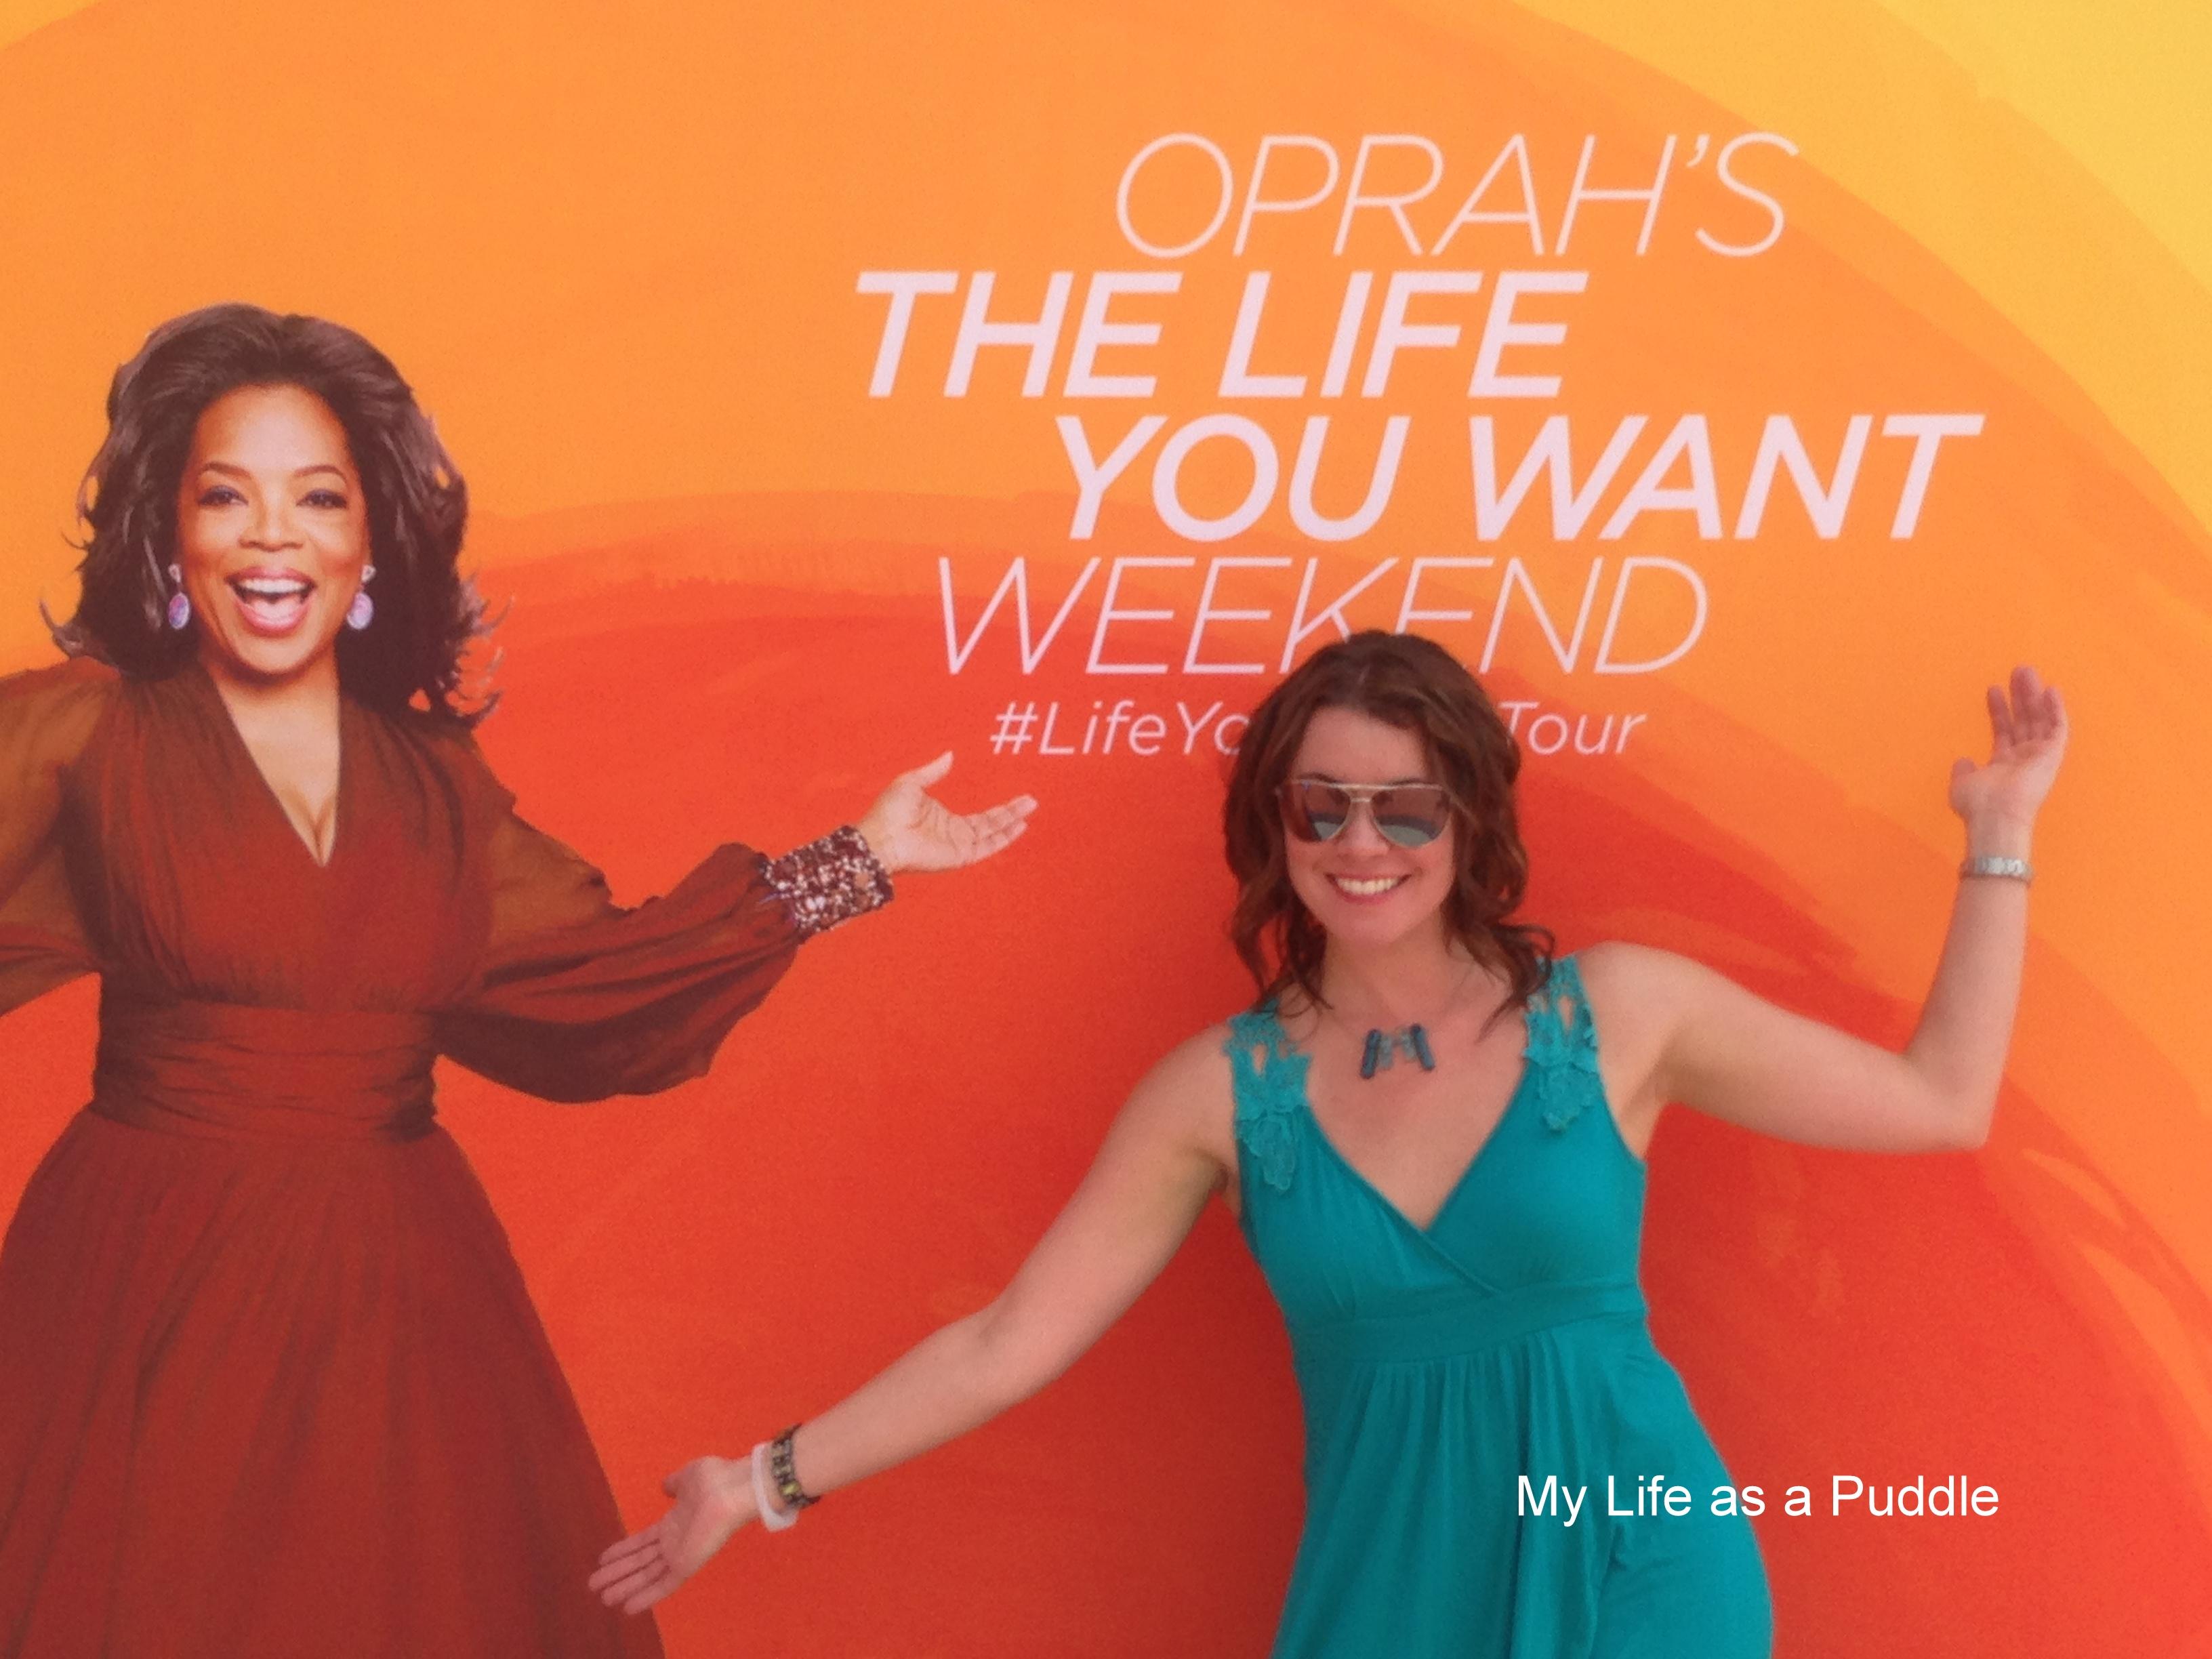 Hyperhidrosis and Oprah